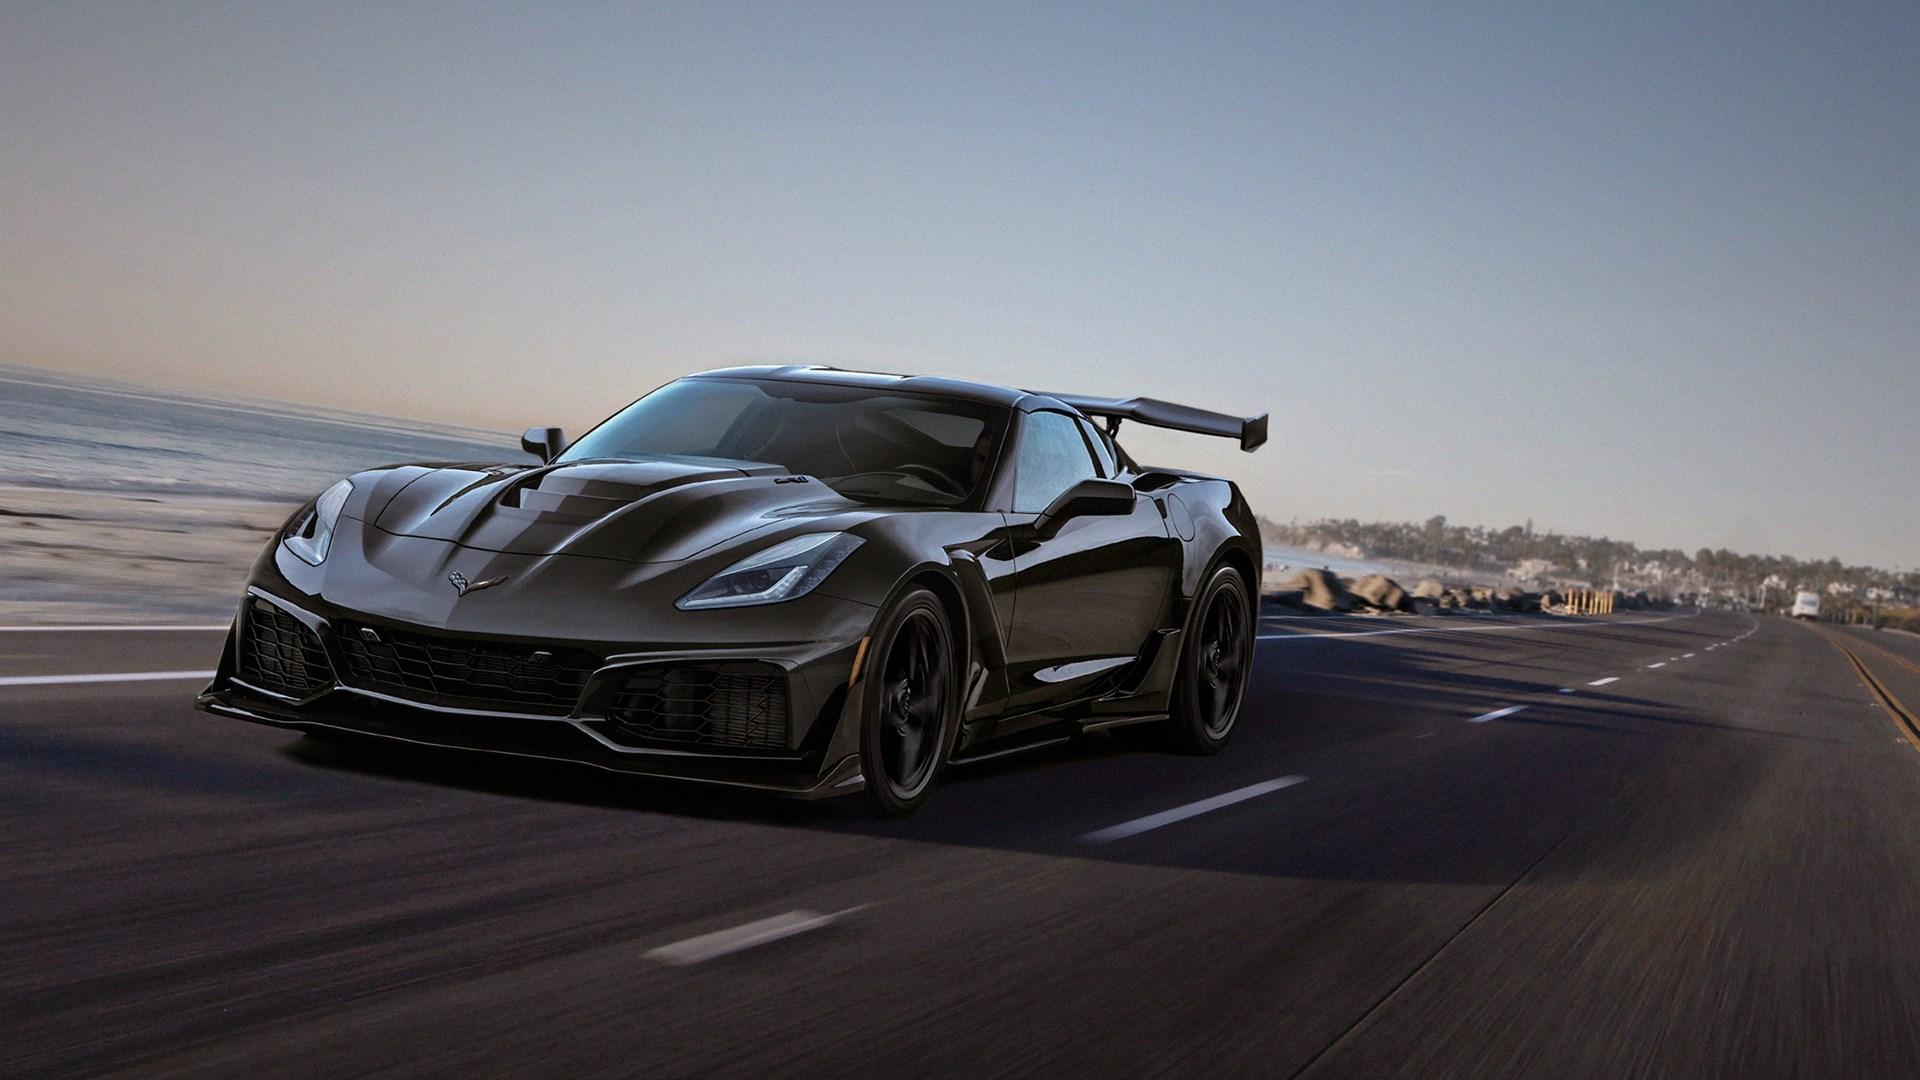 Black Corvette Wallpapers